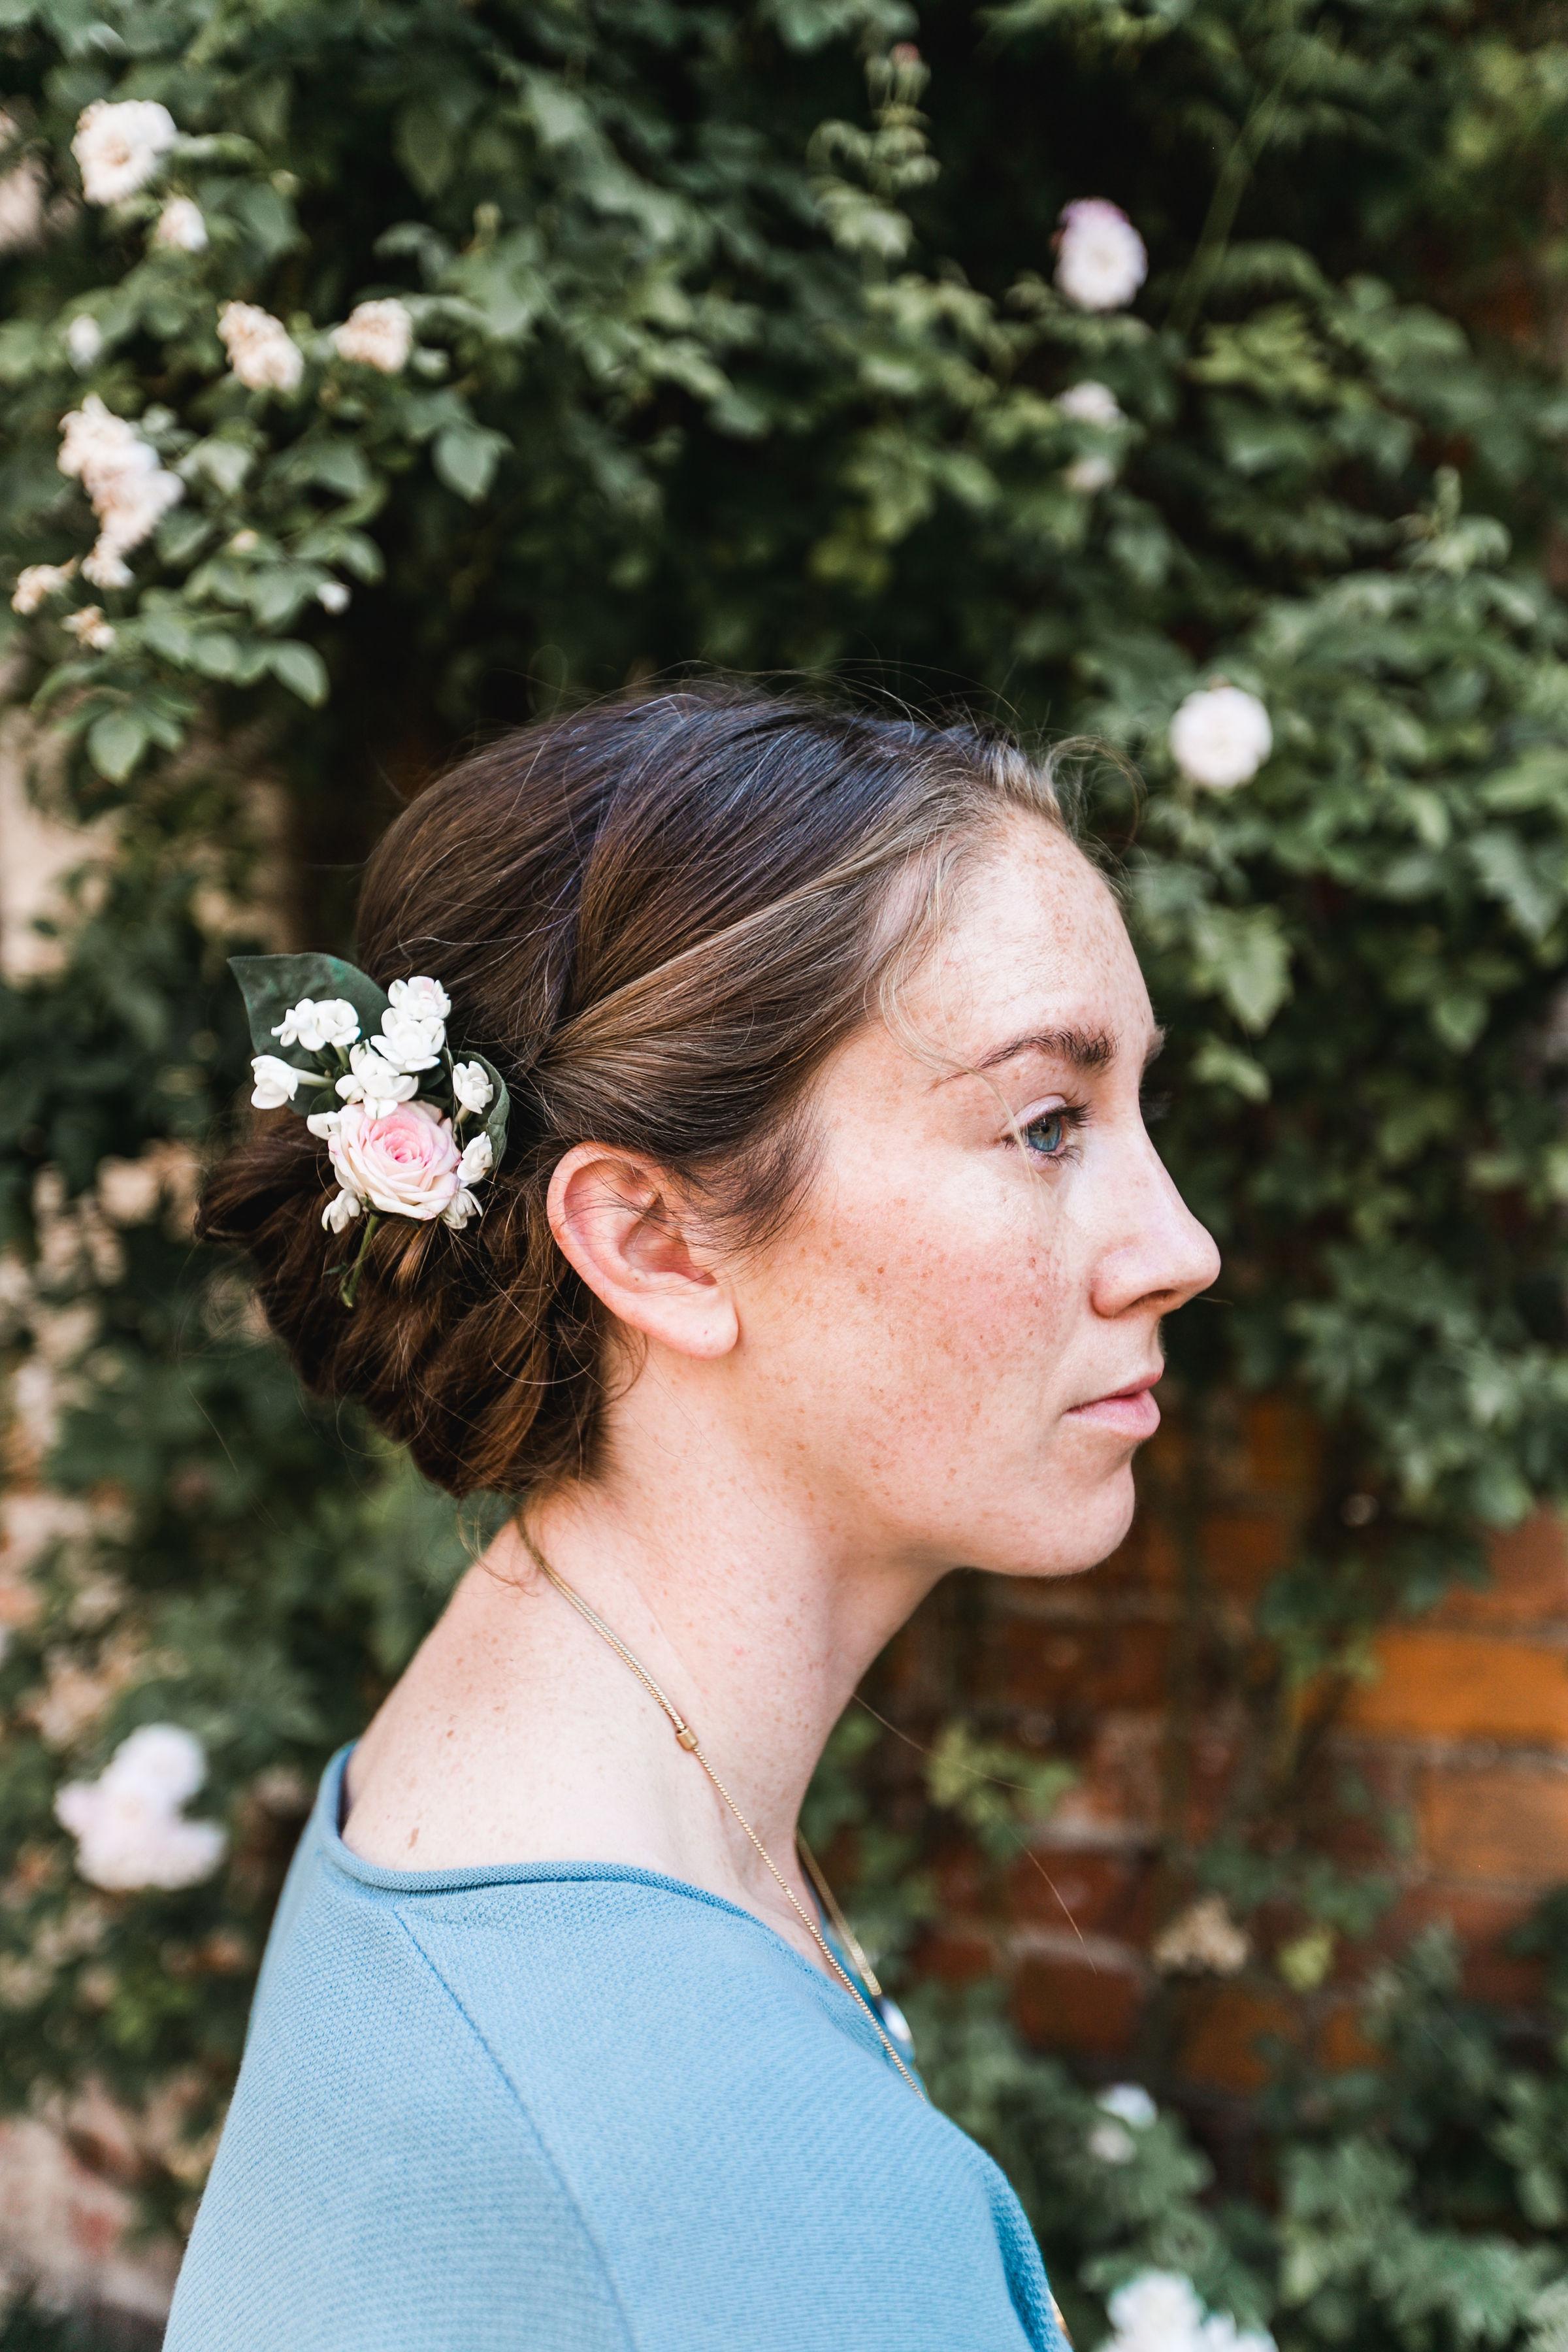 Bridal hair, destination wedding, European wedding, roses in hair, profile, fine art wedding, Germany